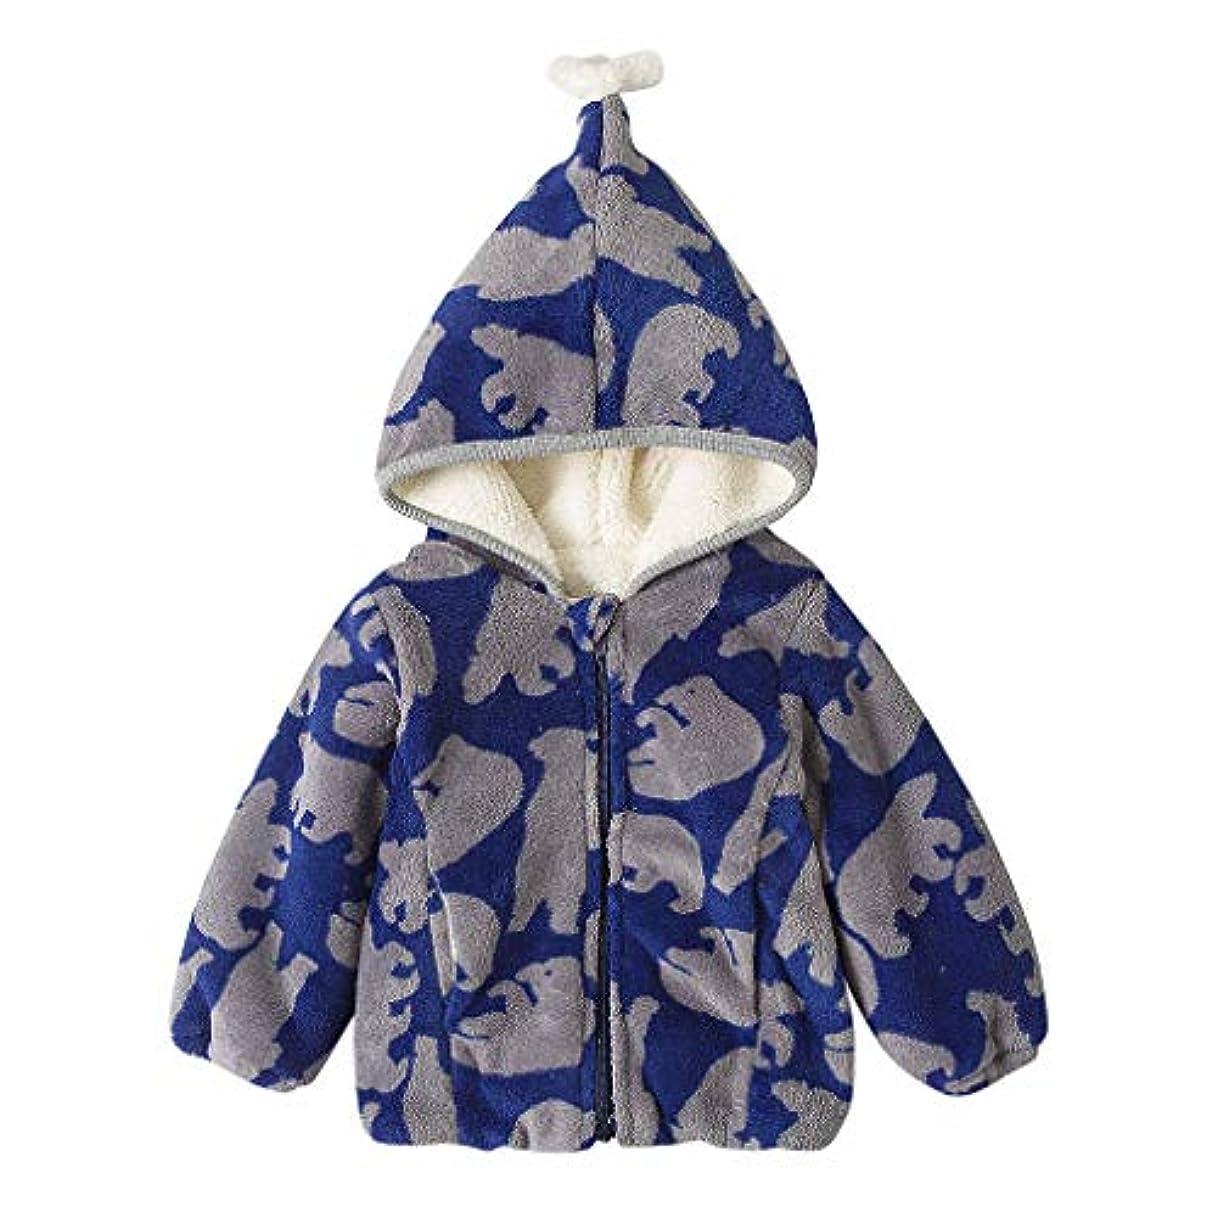 シミュレートする代数的後かわいい柄あたたかい男の子女の子赤ちゃん冬コートジャケット子供ジップ厚いスノースーツパーカーオーバーコート屋外かわいいルースソフト快適なブラウストップス